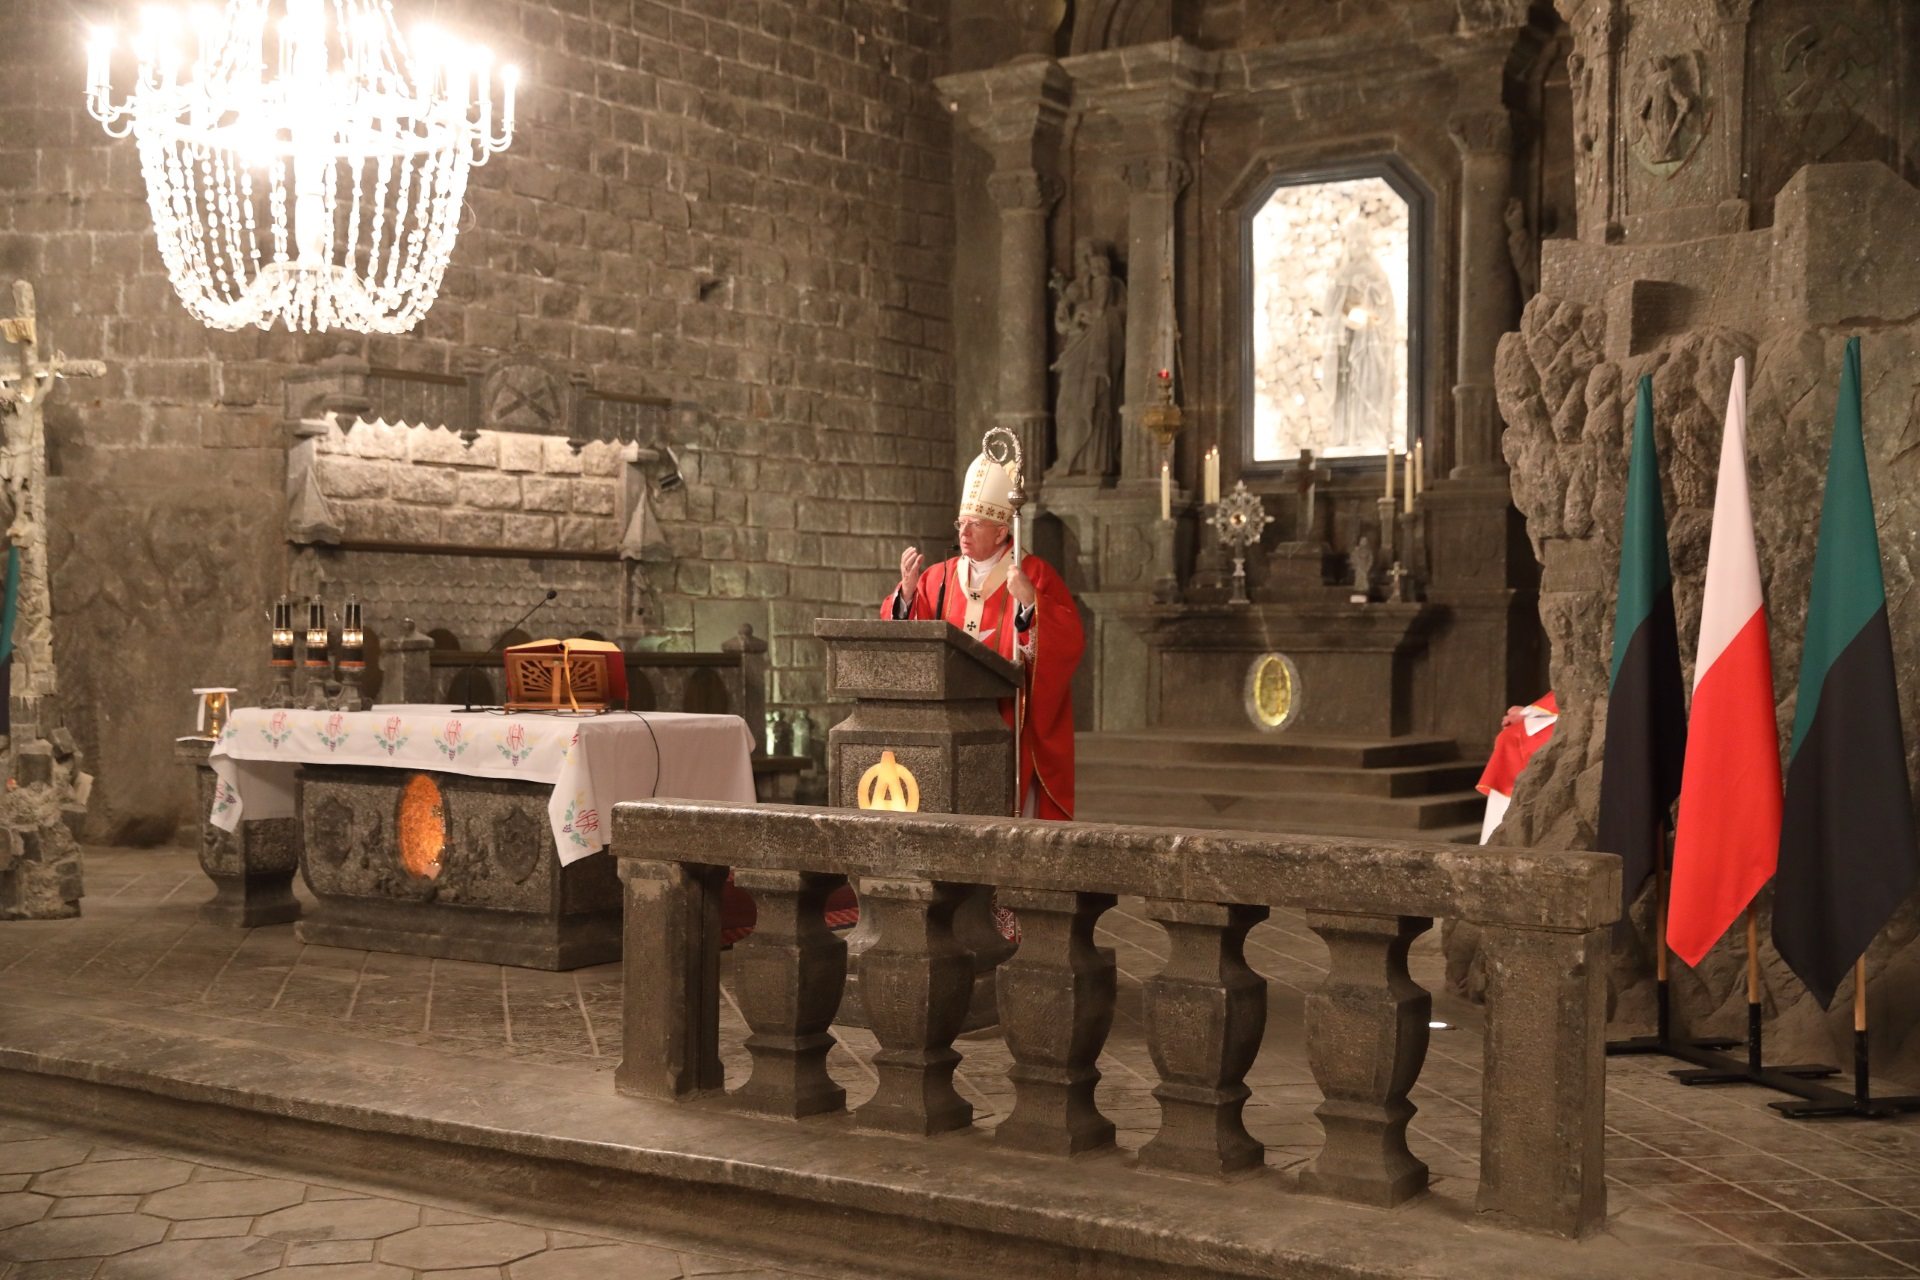 Ołtarz główny. Metropolita krakowski stoi przy solnej ambonie. W lewej dłoni dzierży pastorał. Ubrany jest w czerwony ornat